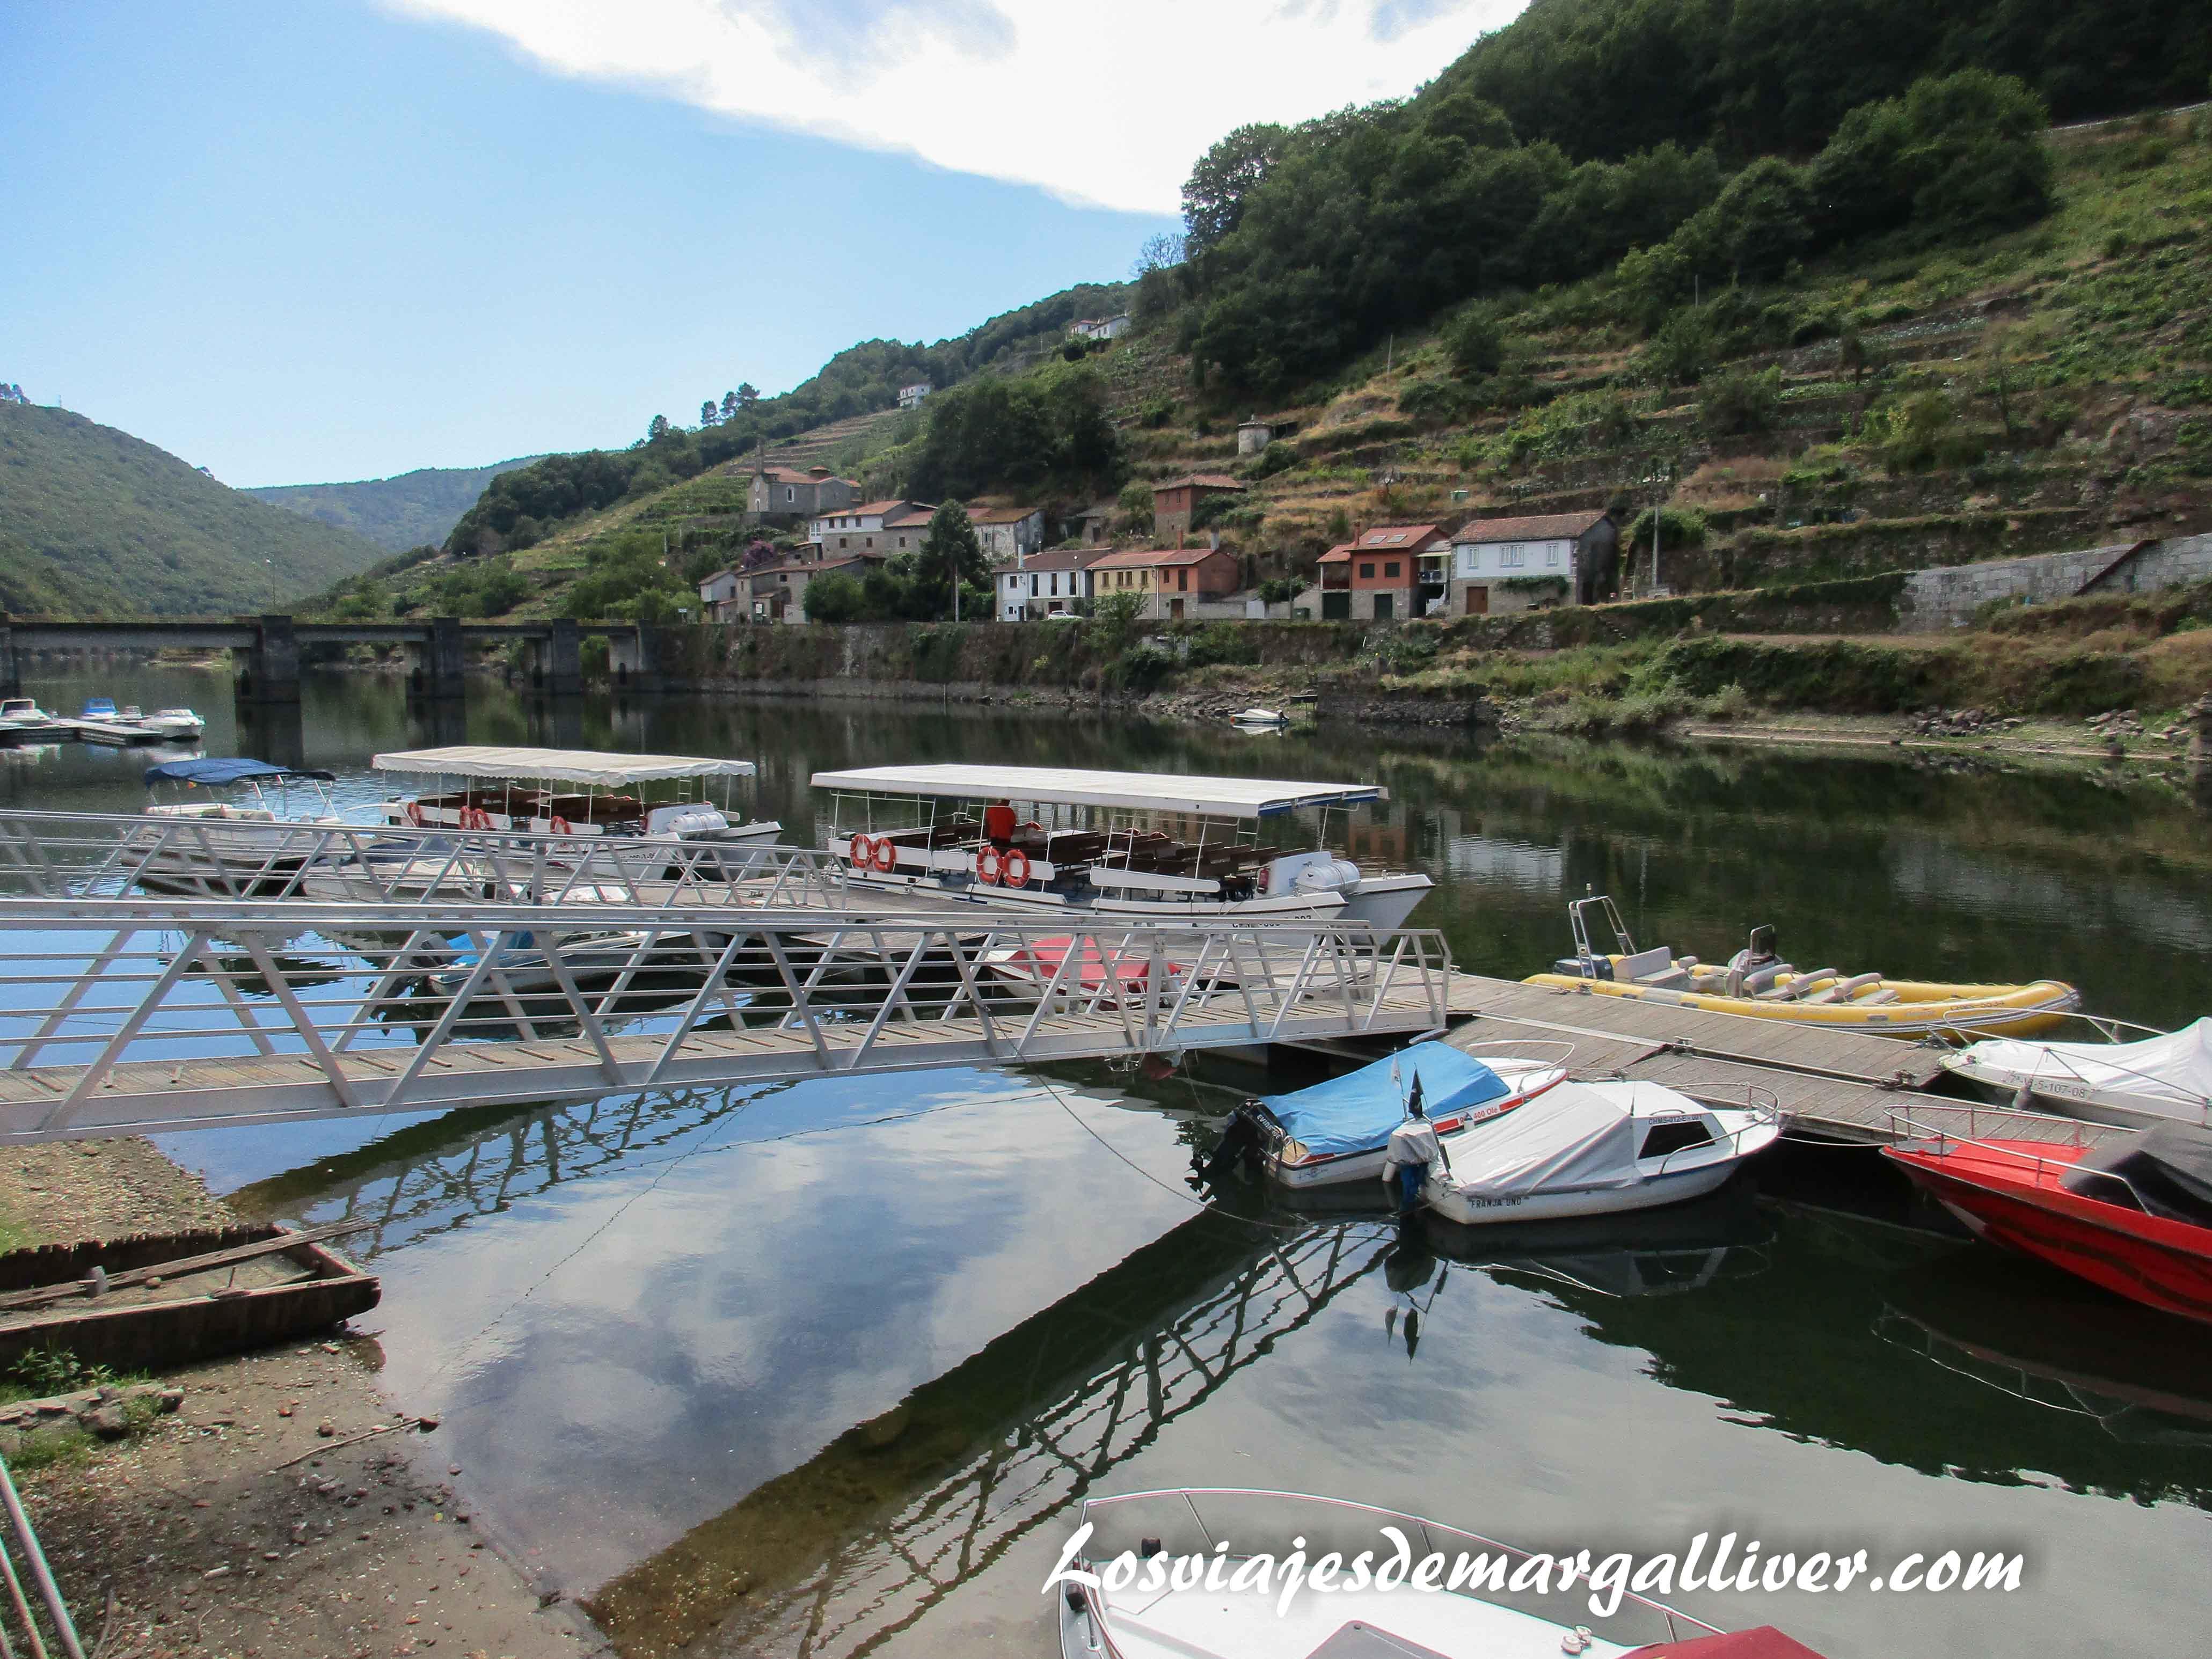 Puerto de Belesar en el río Miño ,ruta fluvial por la Ribeira Sacra - Los viajes de Margalliver